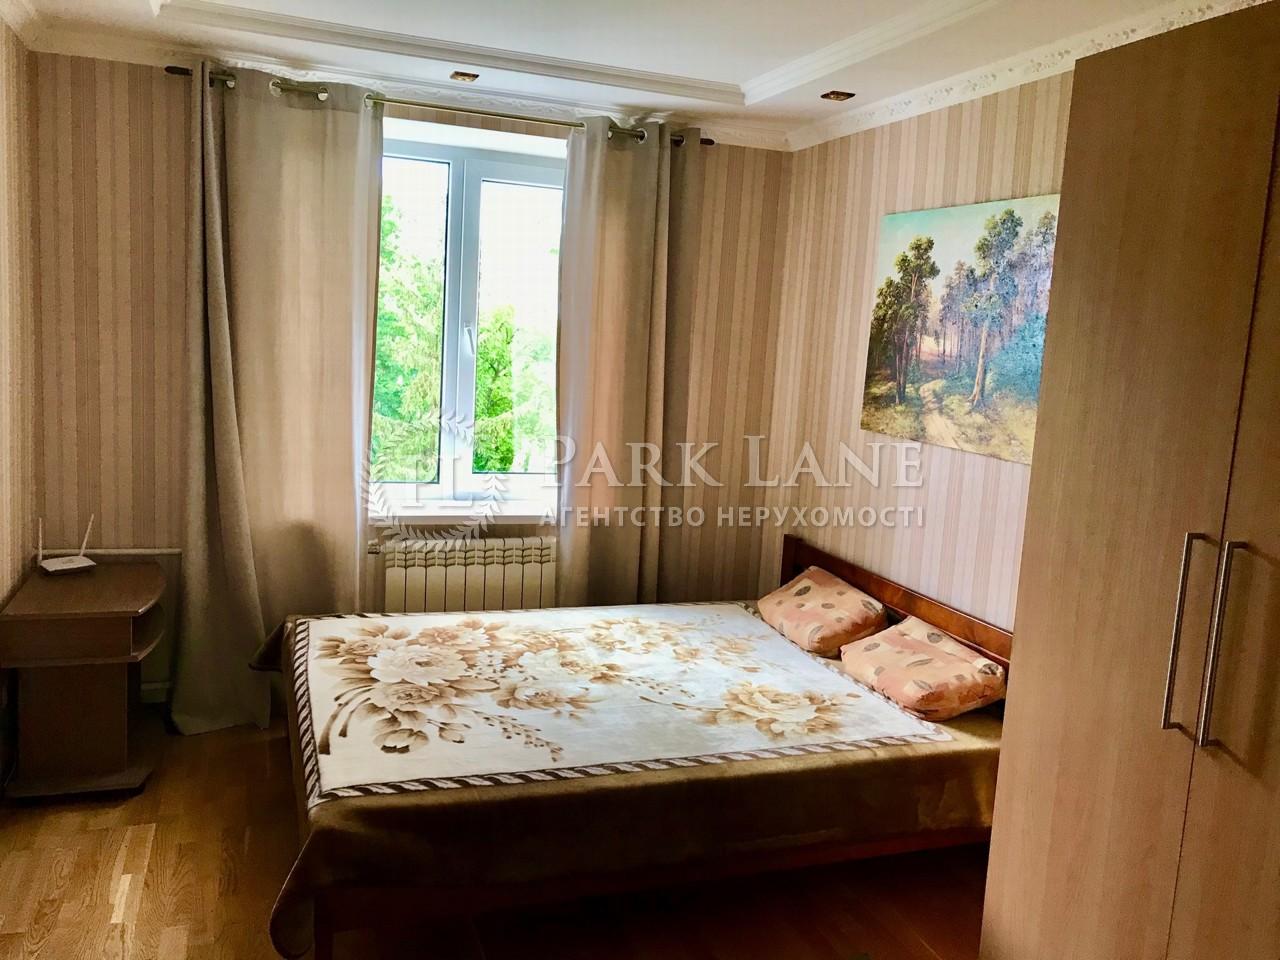 Квартира ул. Лаврская, 21, Киев, R-33190 - Фото 4